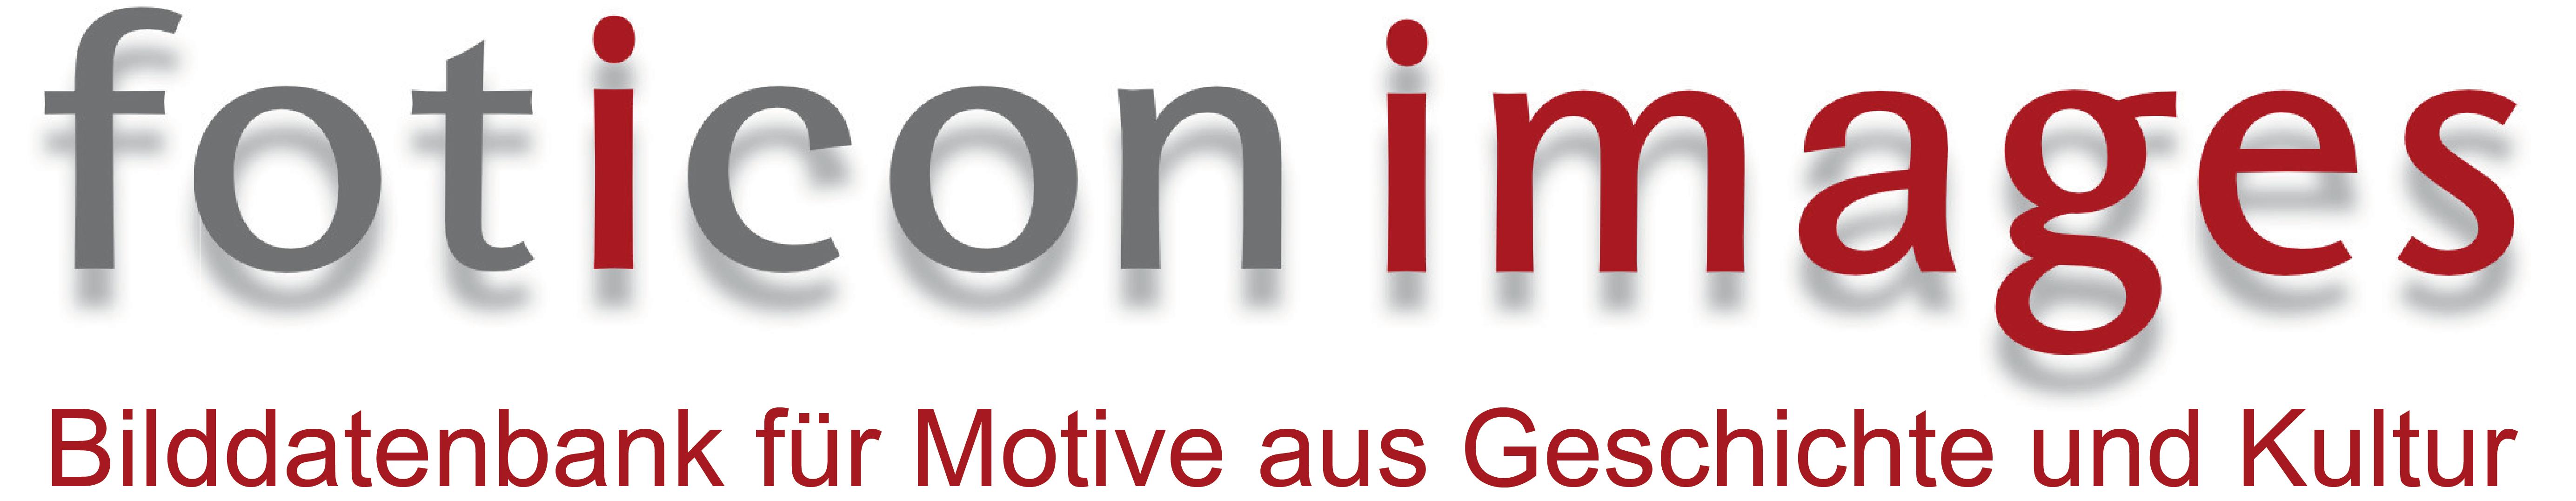 foticon.de - Bilddatenbank für Motive aus Geschichte und Kultur